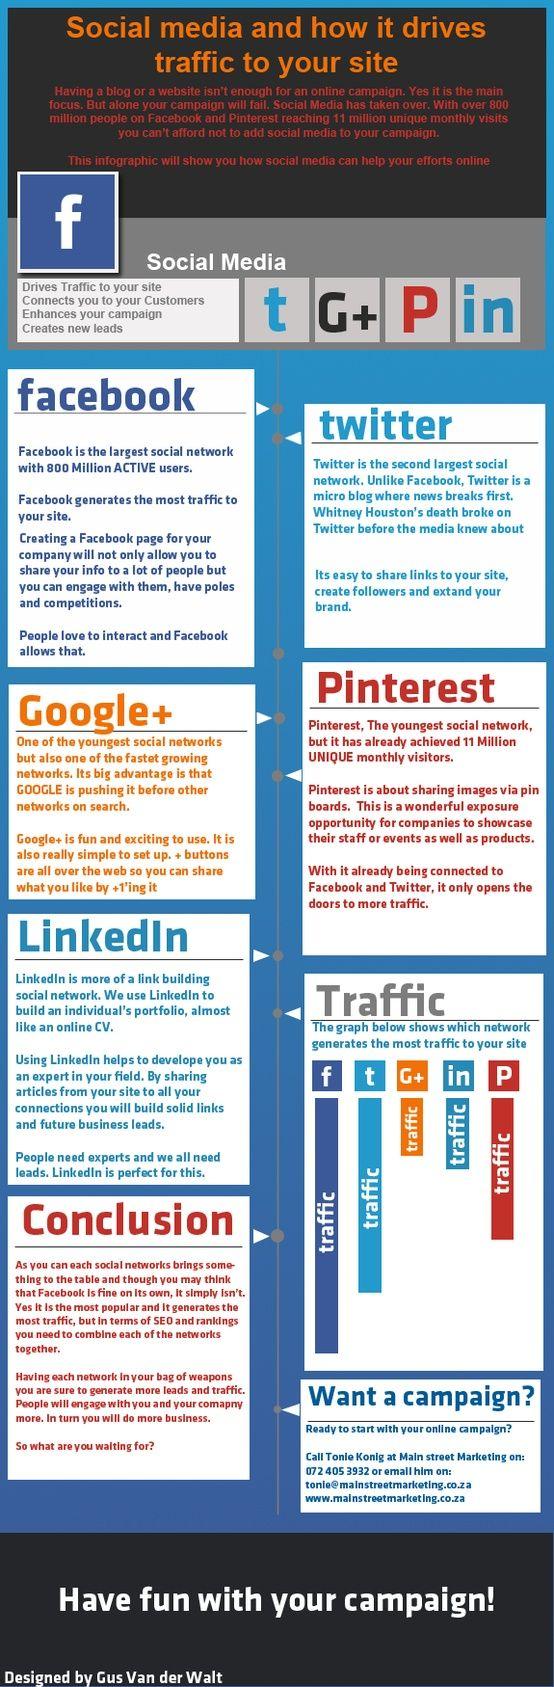 Cómo el Social Media conduce tráfico a tu sitio #infografia #infographic #socialmedia